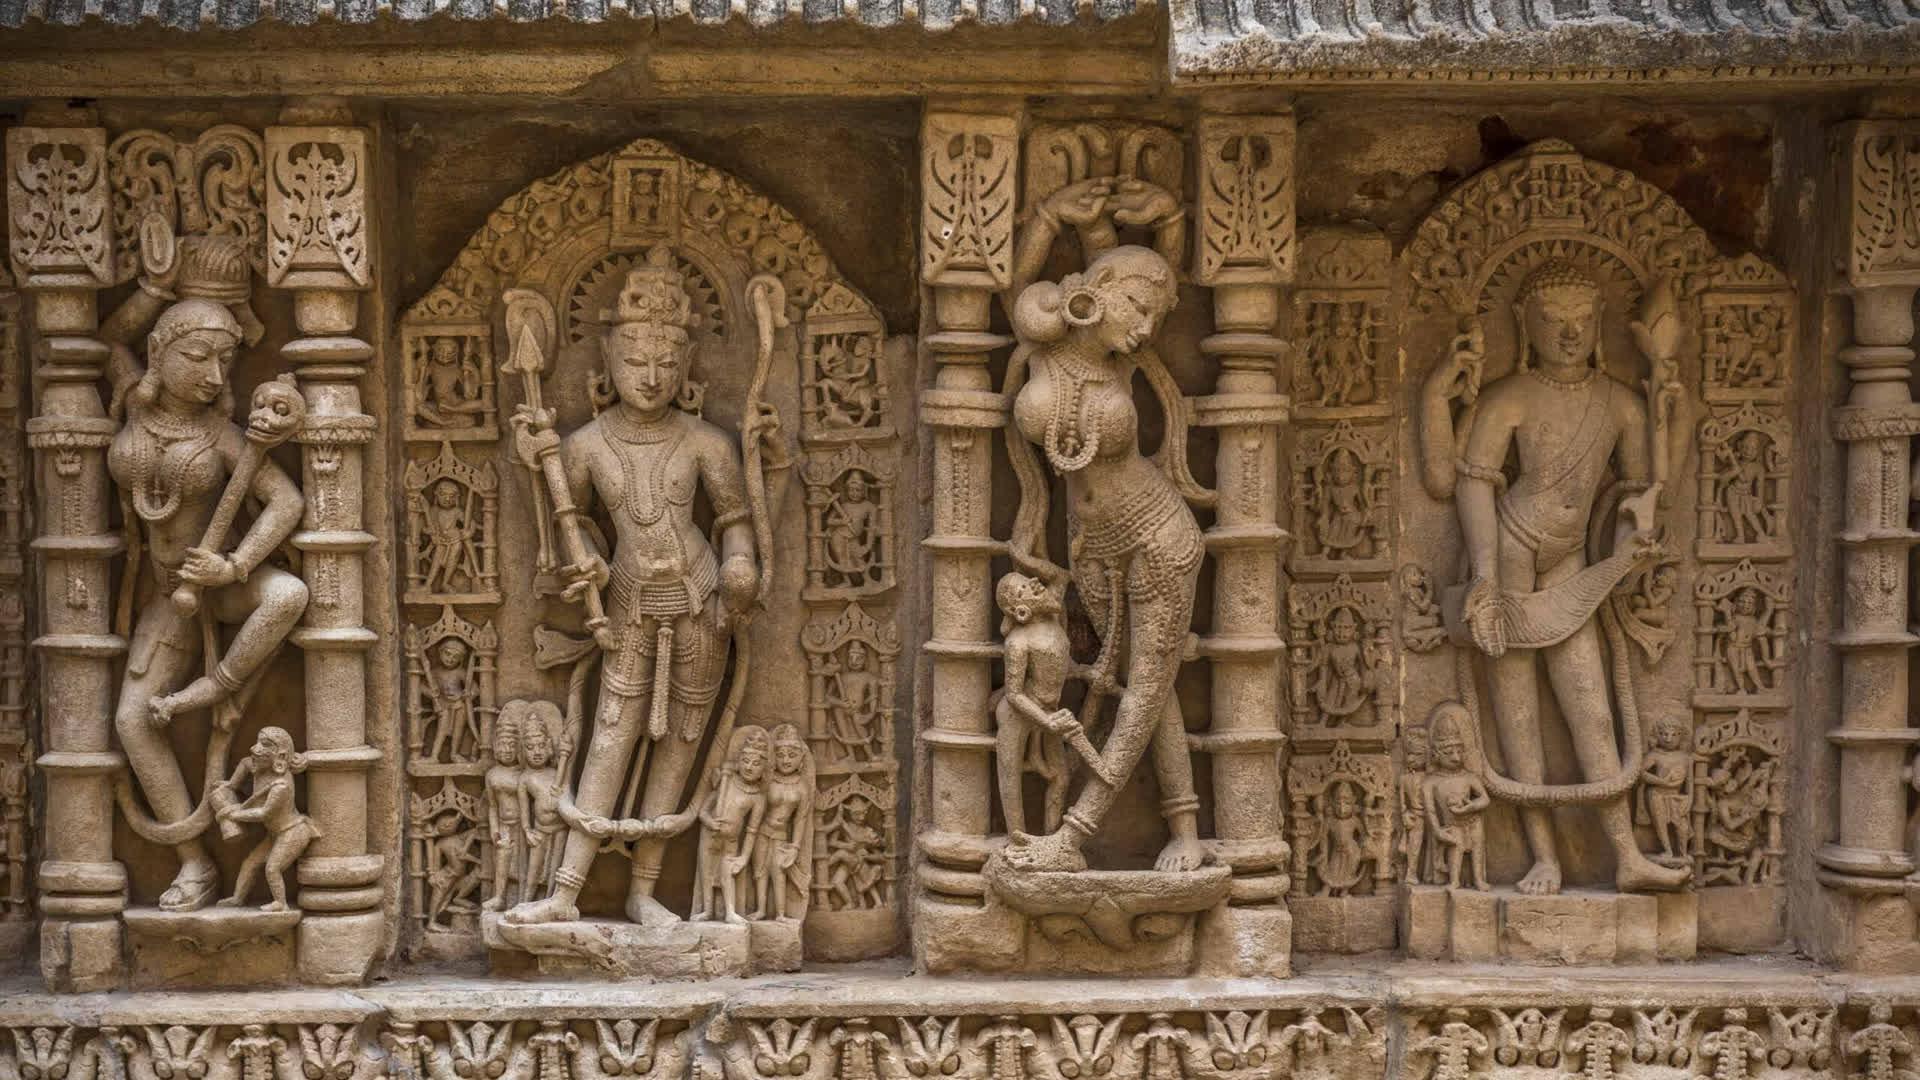 जानिए इन 5 स्थानों से गुजरात का मध्यकालीन इतिहास